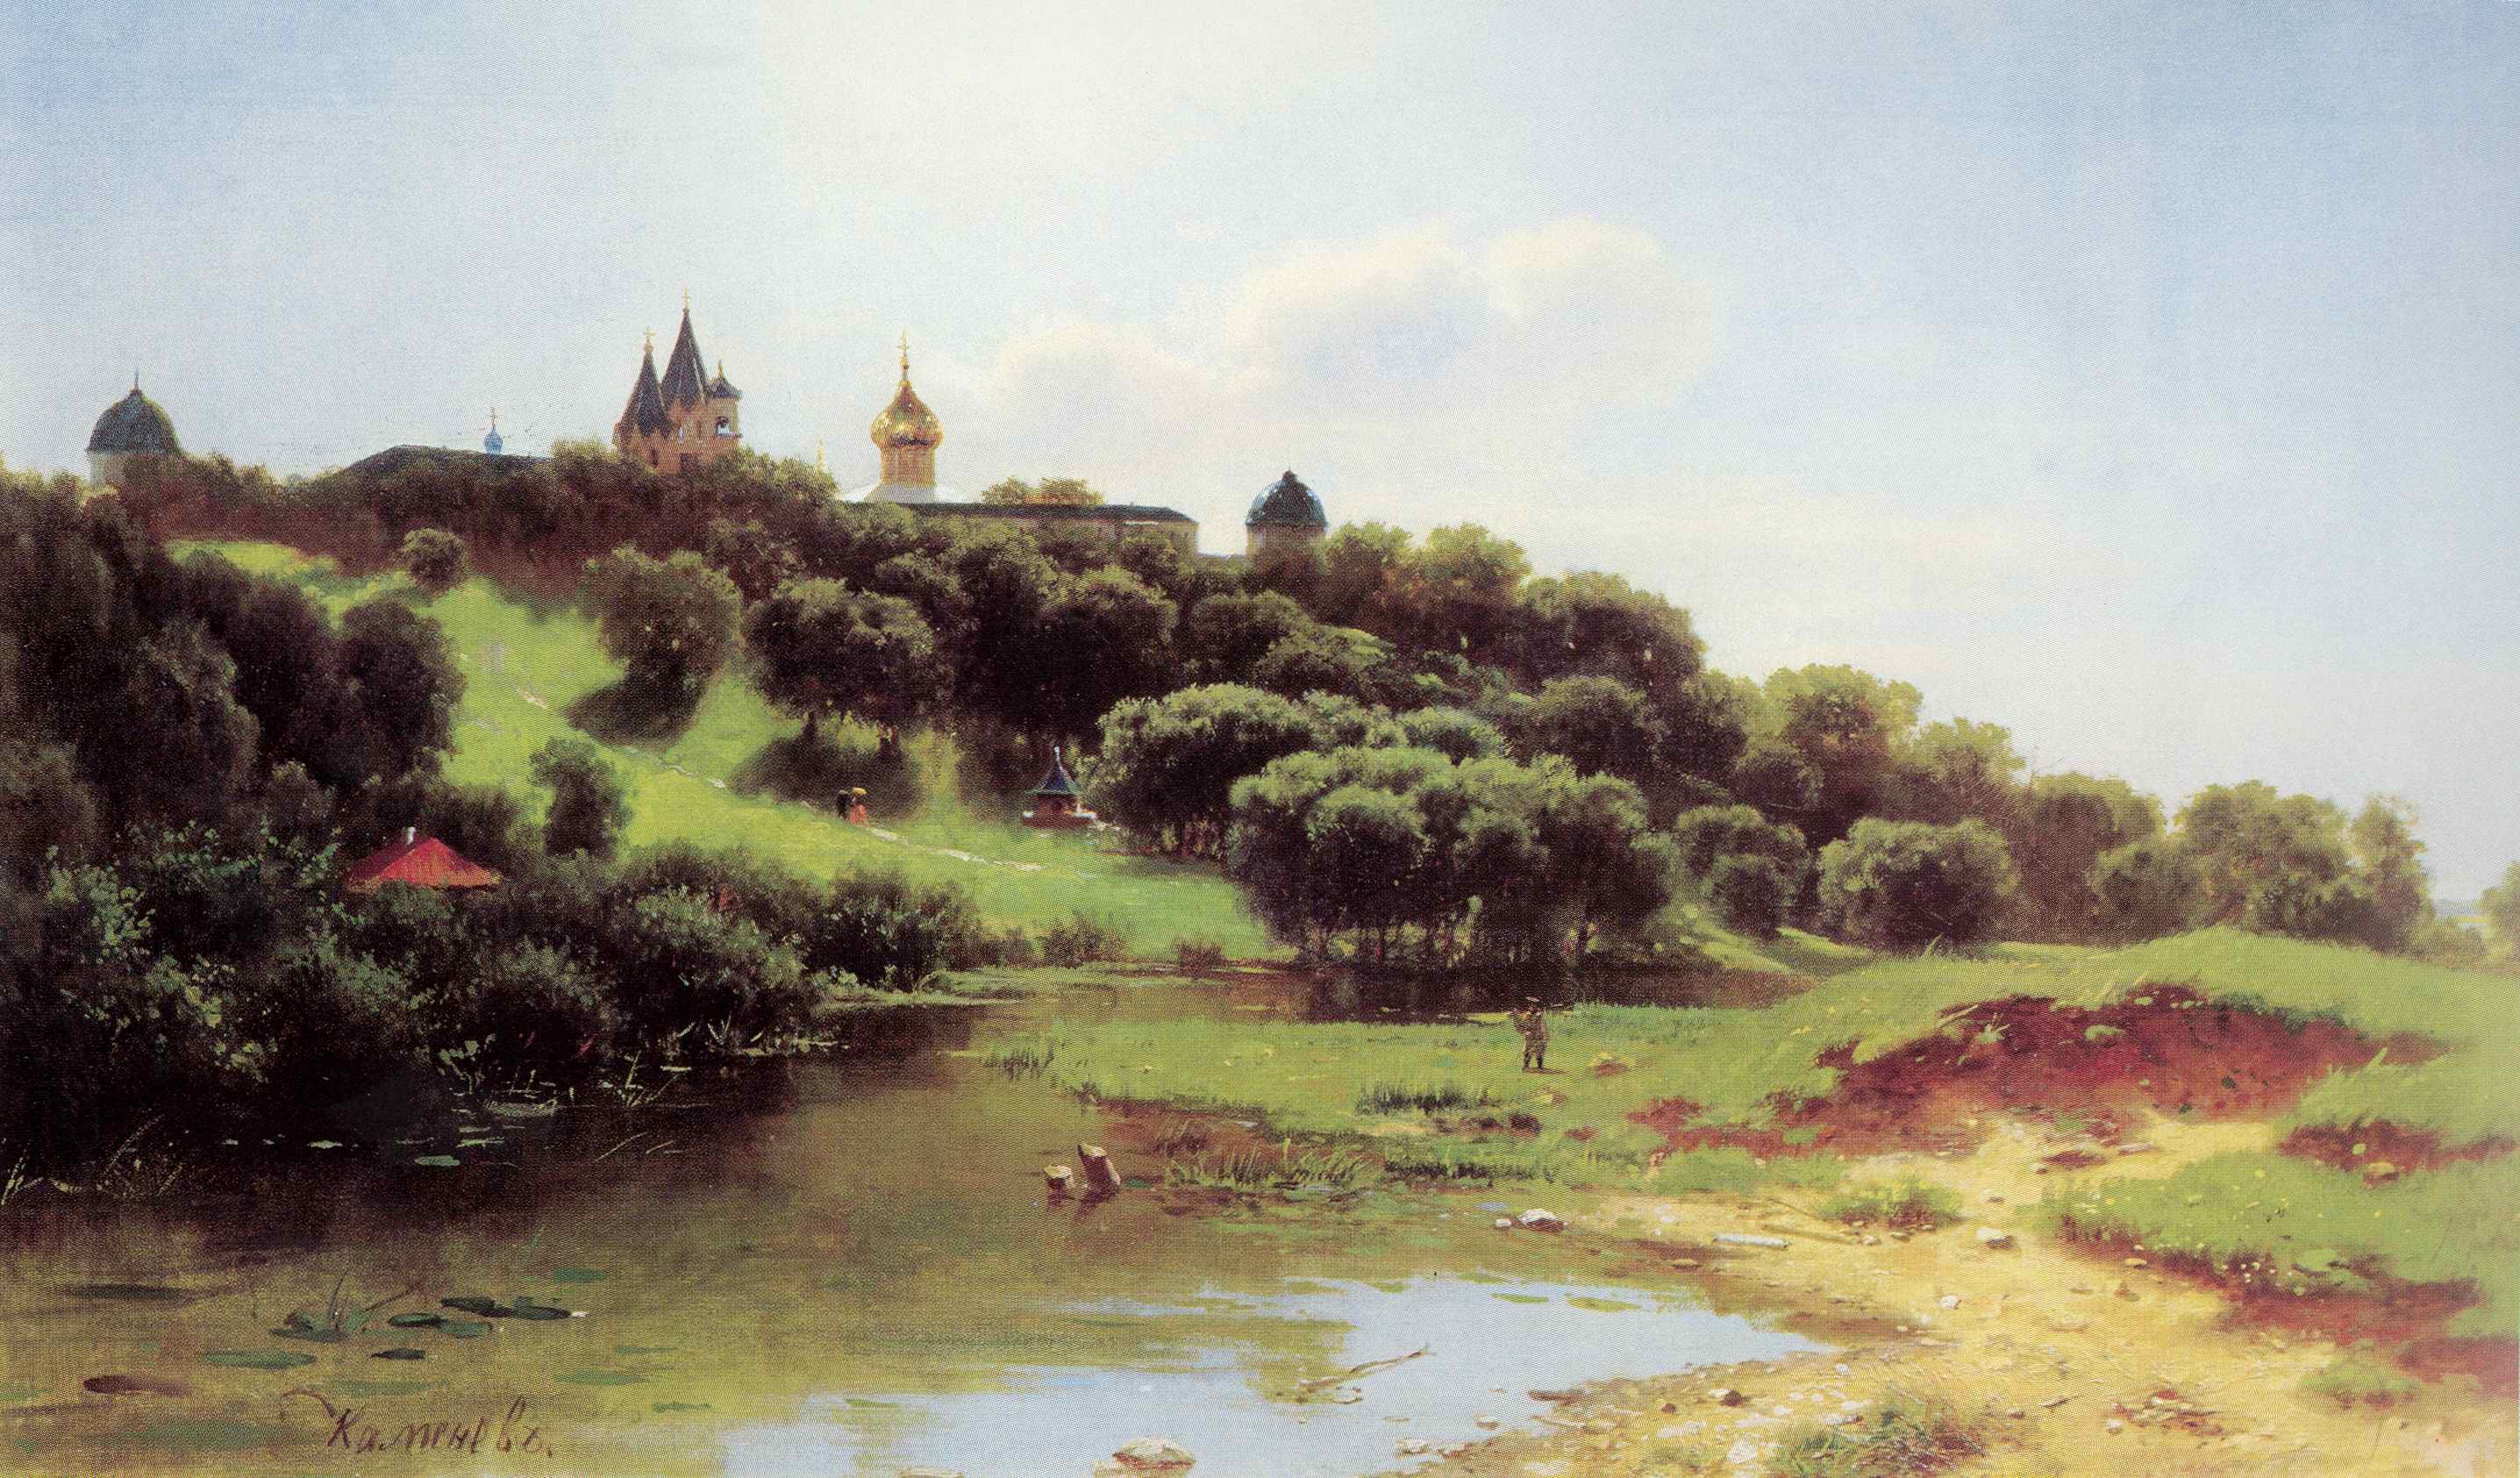 Савино-Сторожевский монастырь под Звенигородом, Каменев Лев Львович